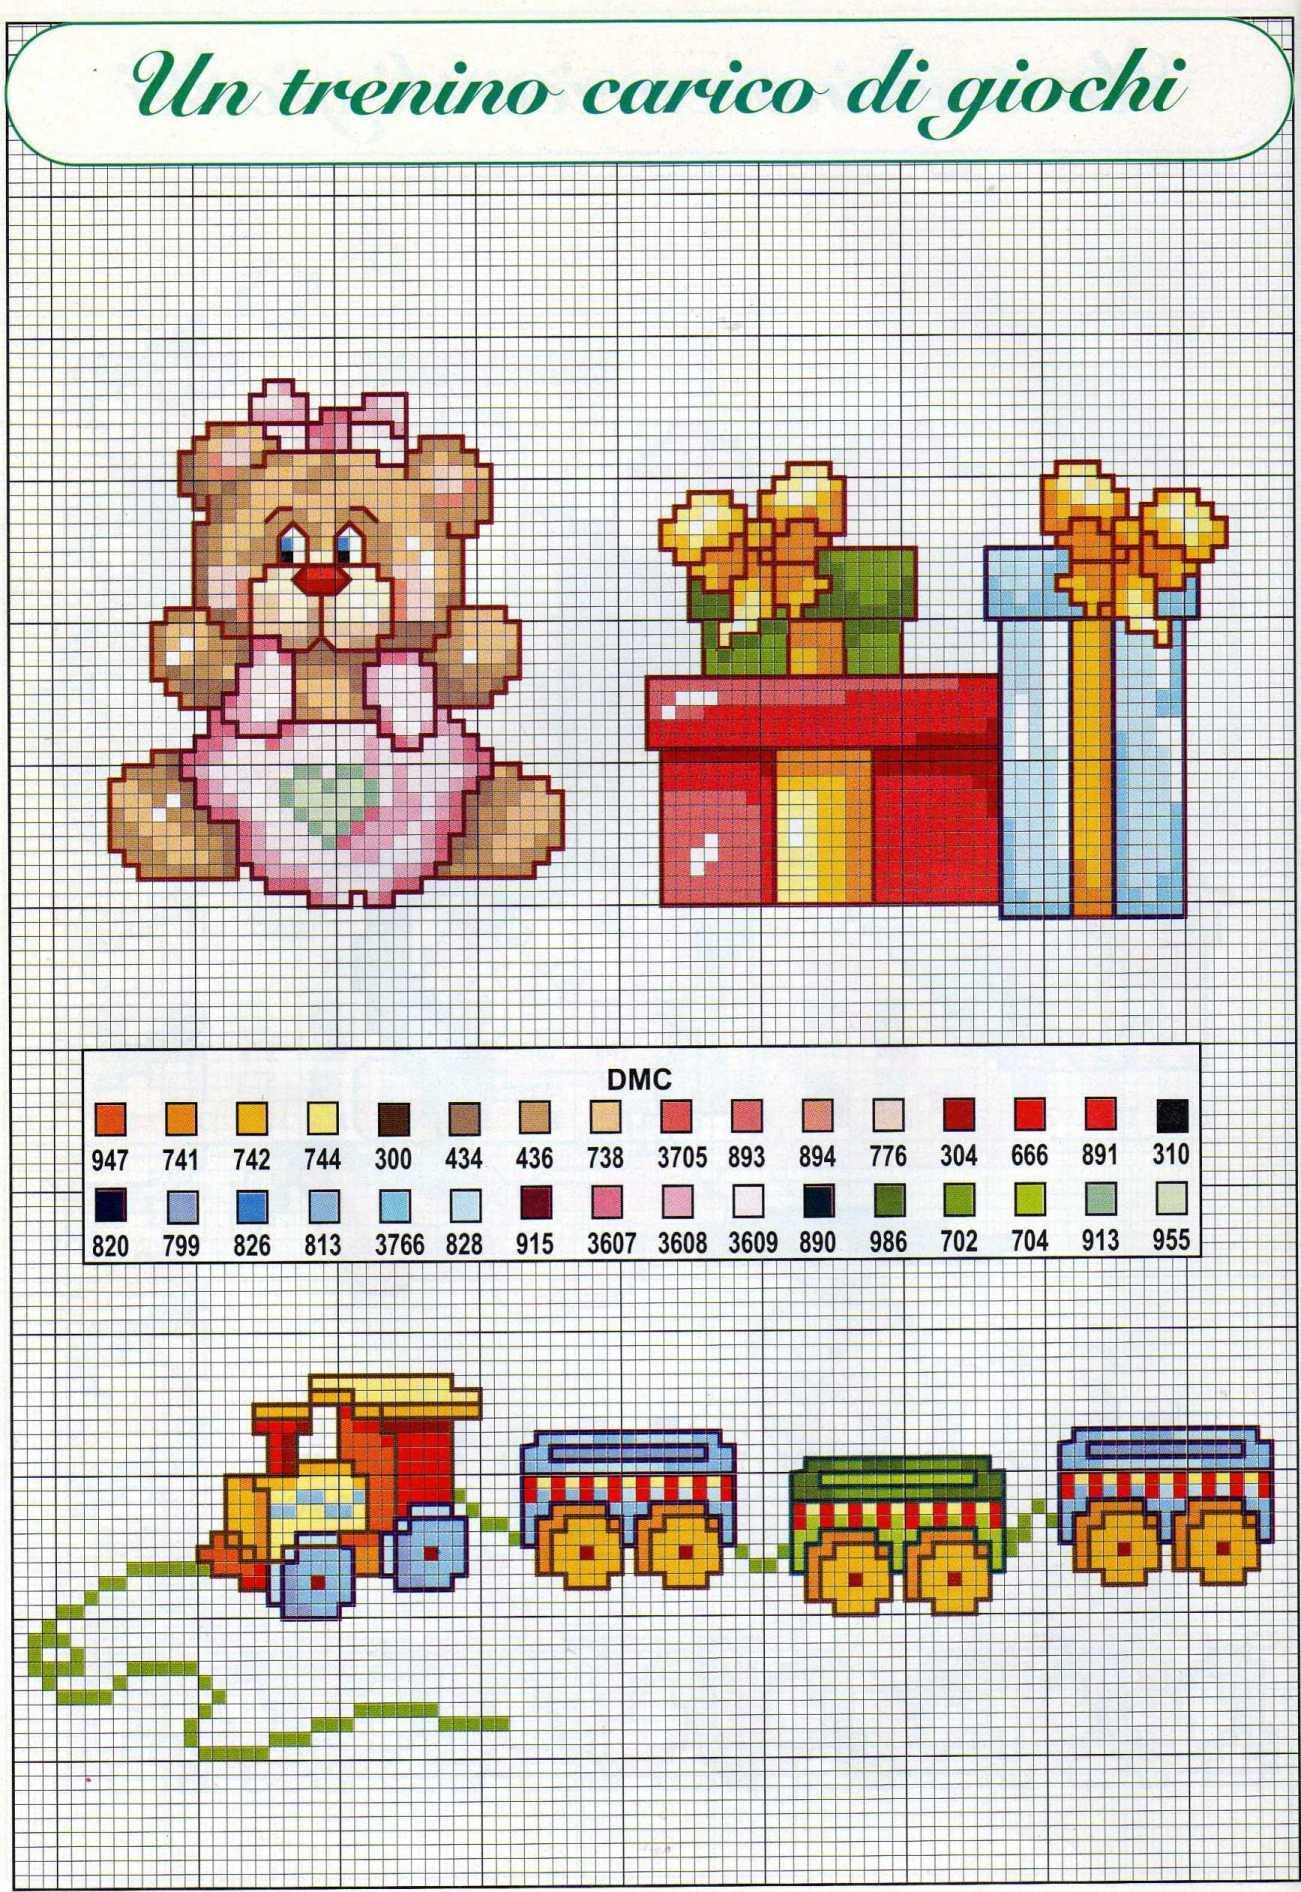 Un trenino carico di giochi schema da ricamare punto croce per bambini (3) - magiedifilo.it ...